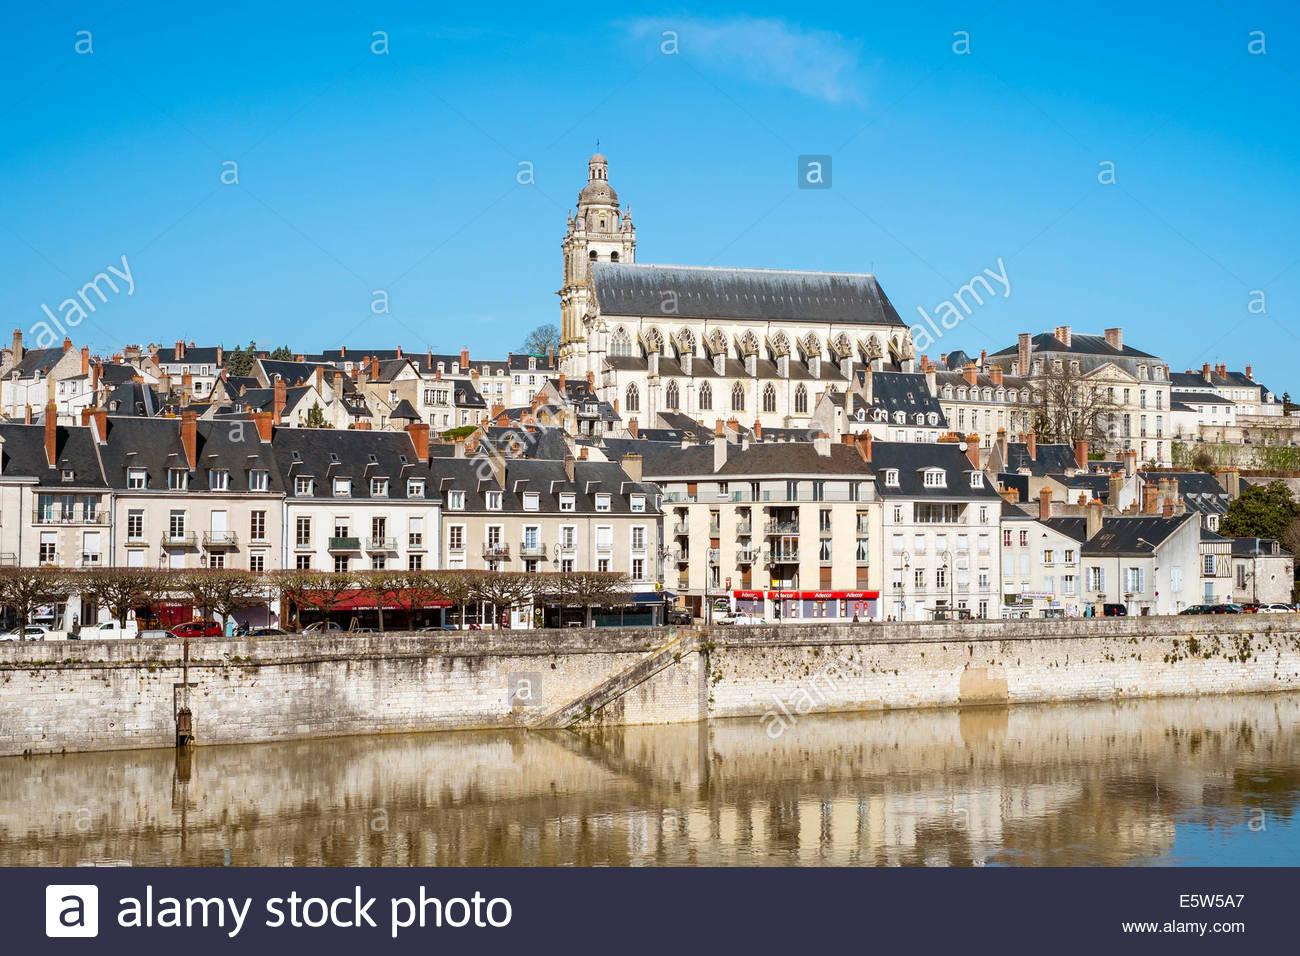 Town of Blois and Cathédrale Saint-Louis on the Loire River, Loire-et-Cher, Centre, France - Stock Image